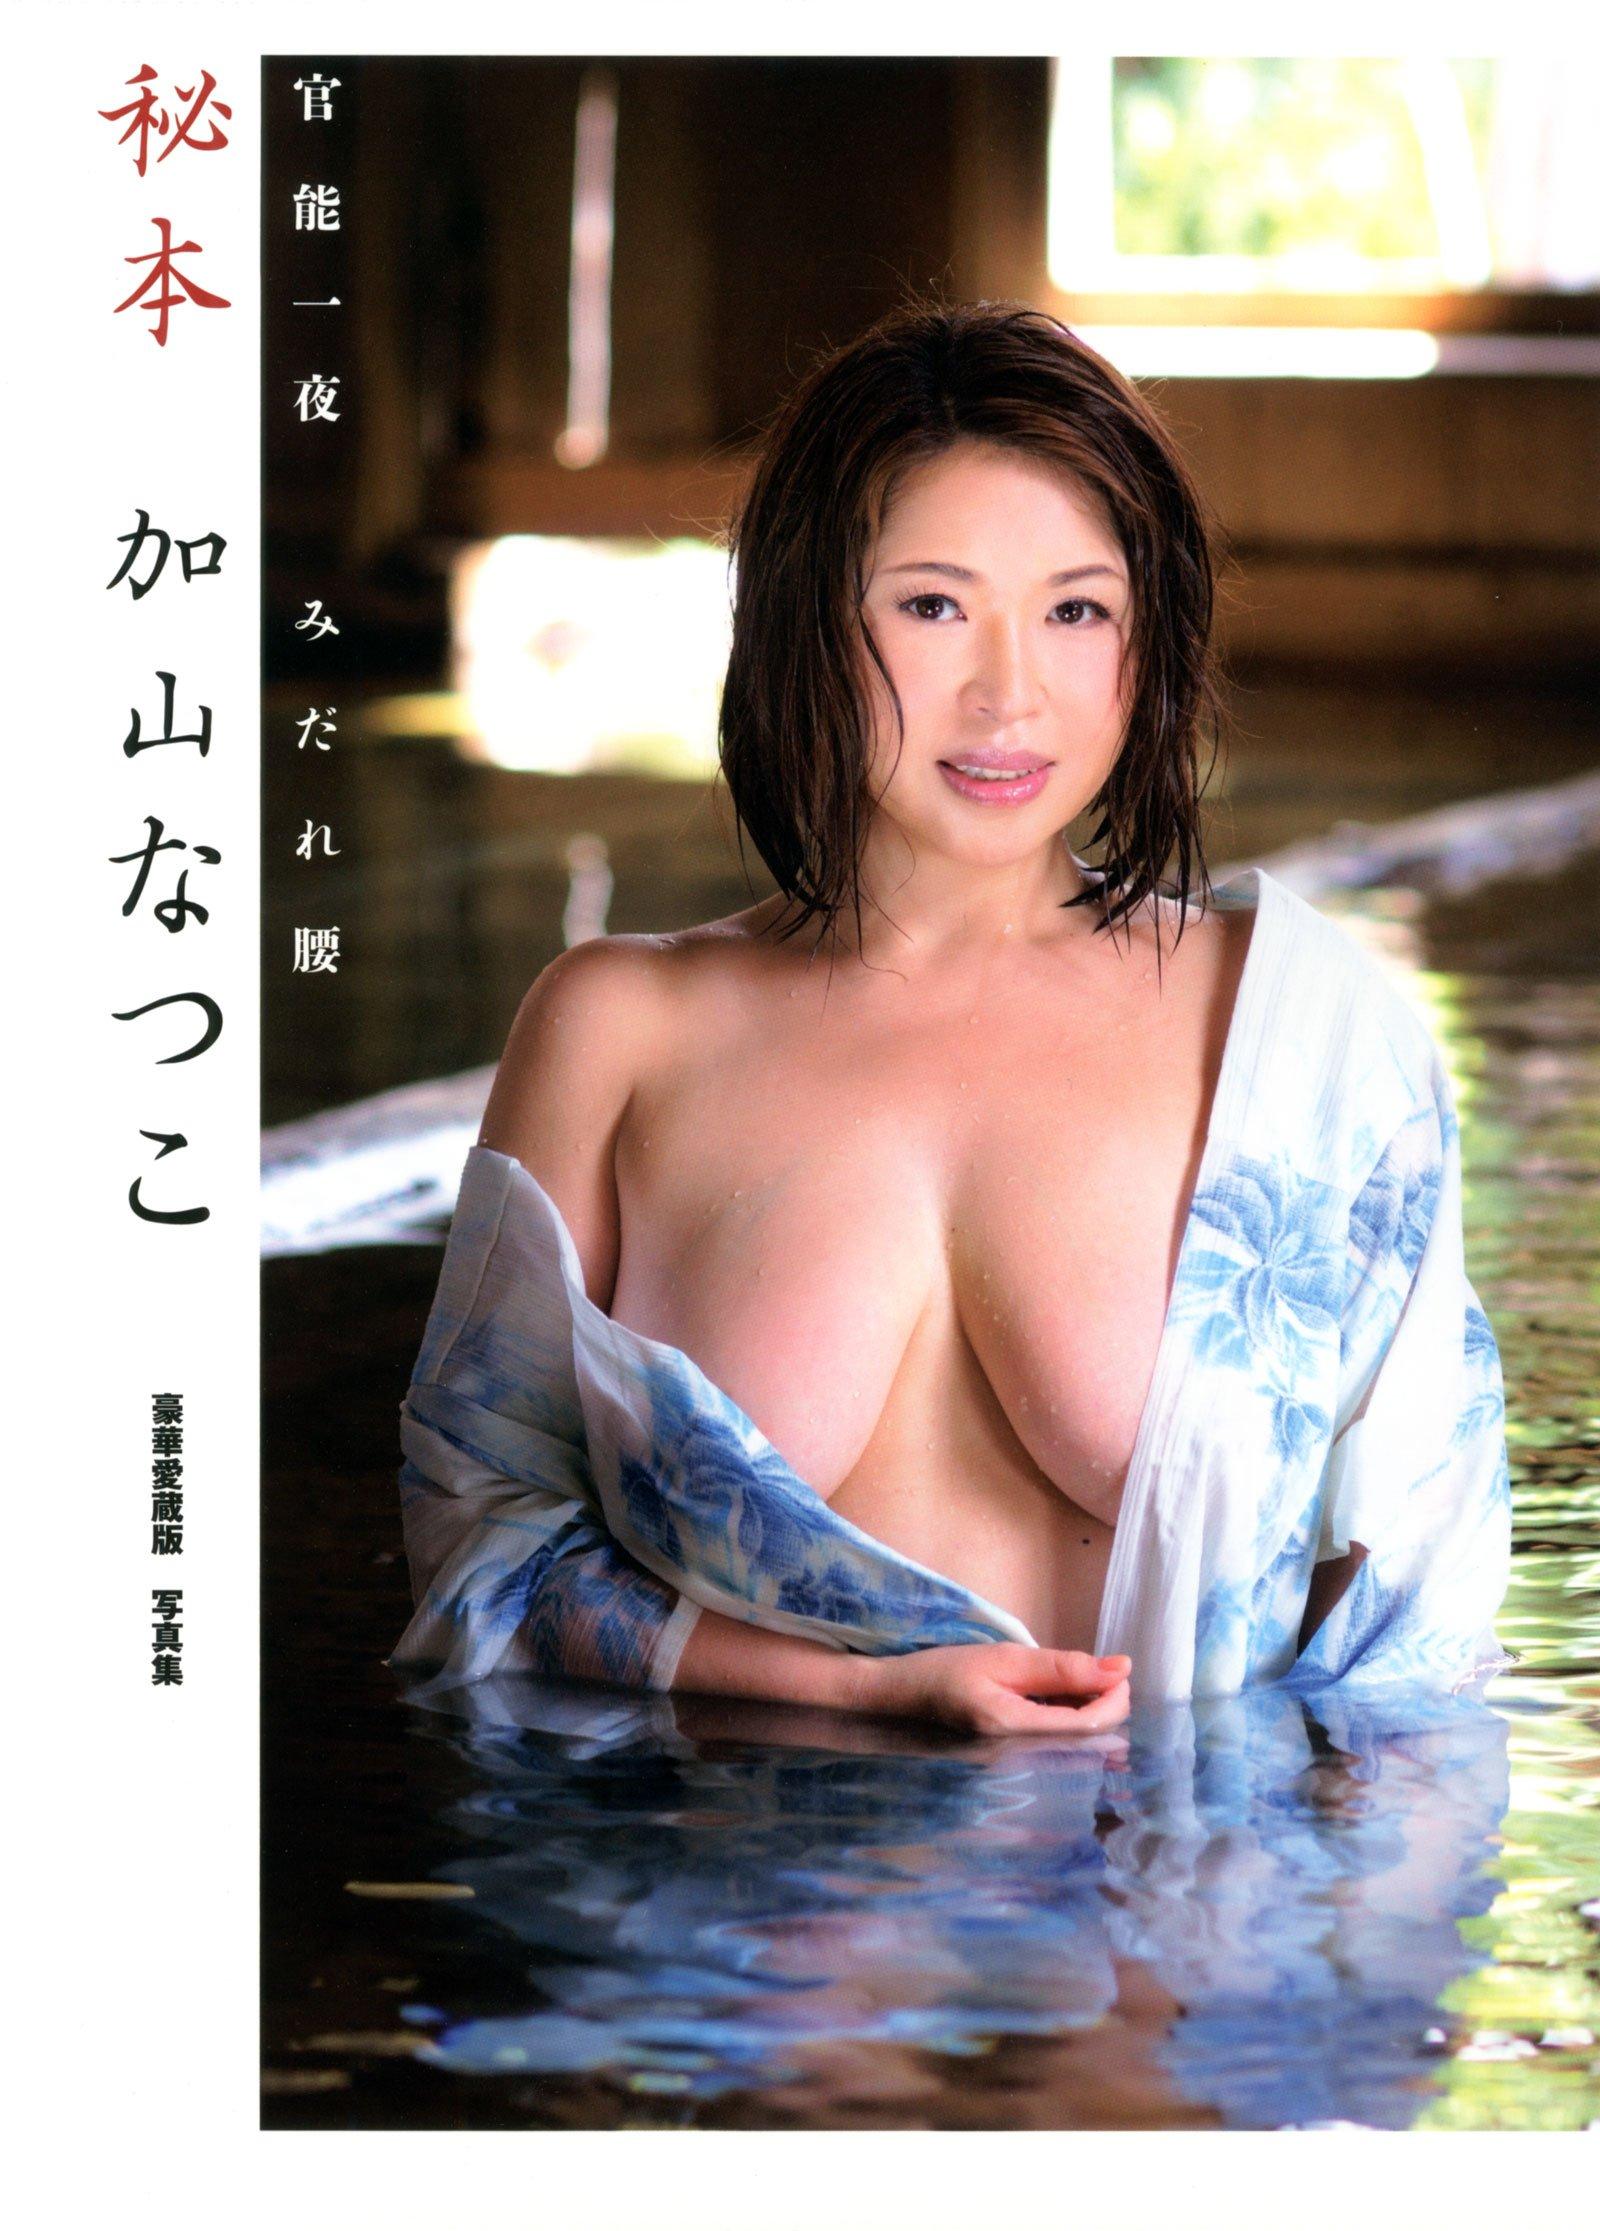 加山なつこ 카야마 나츠코 (Natsuko Kayama . 加山なつこ) : 네이버 블로그